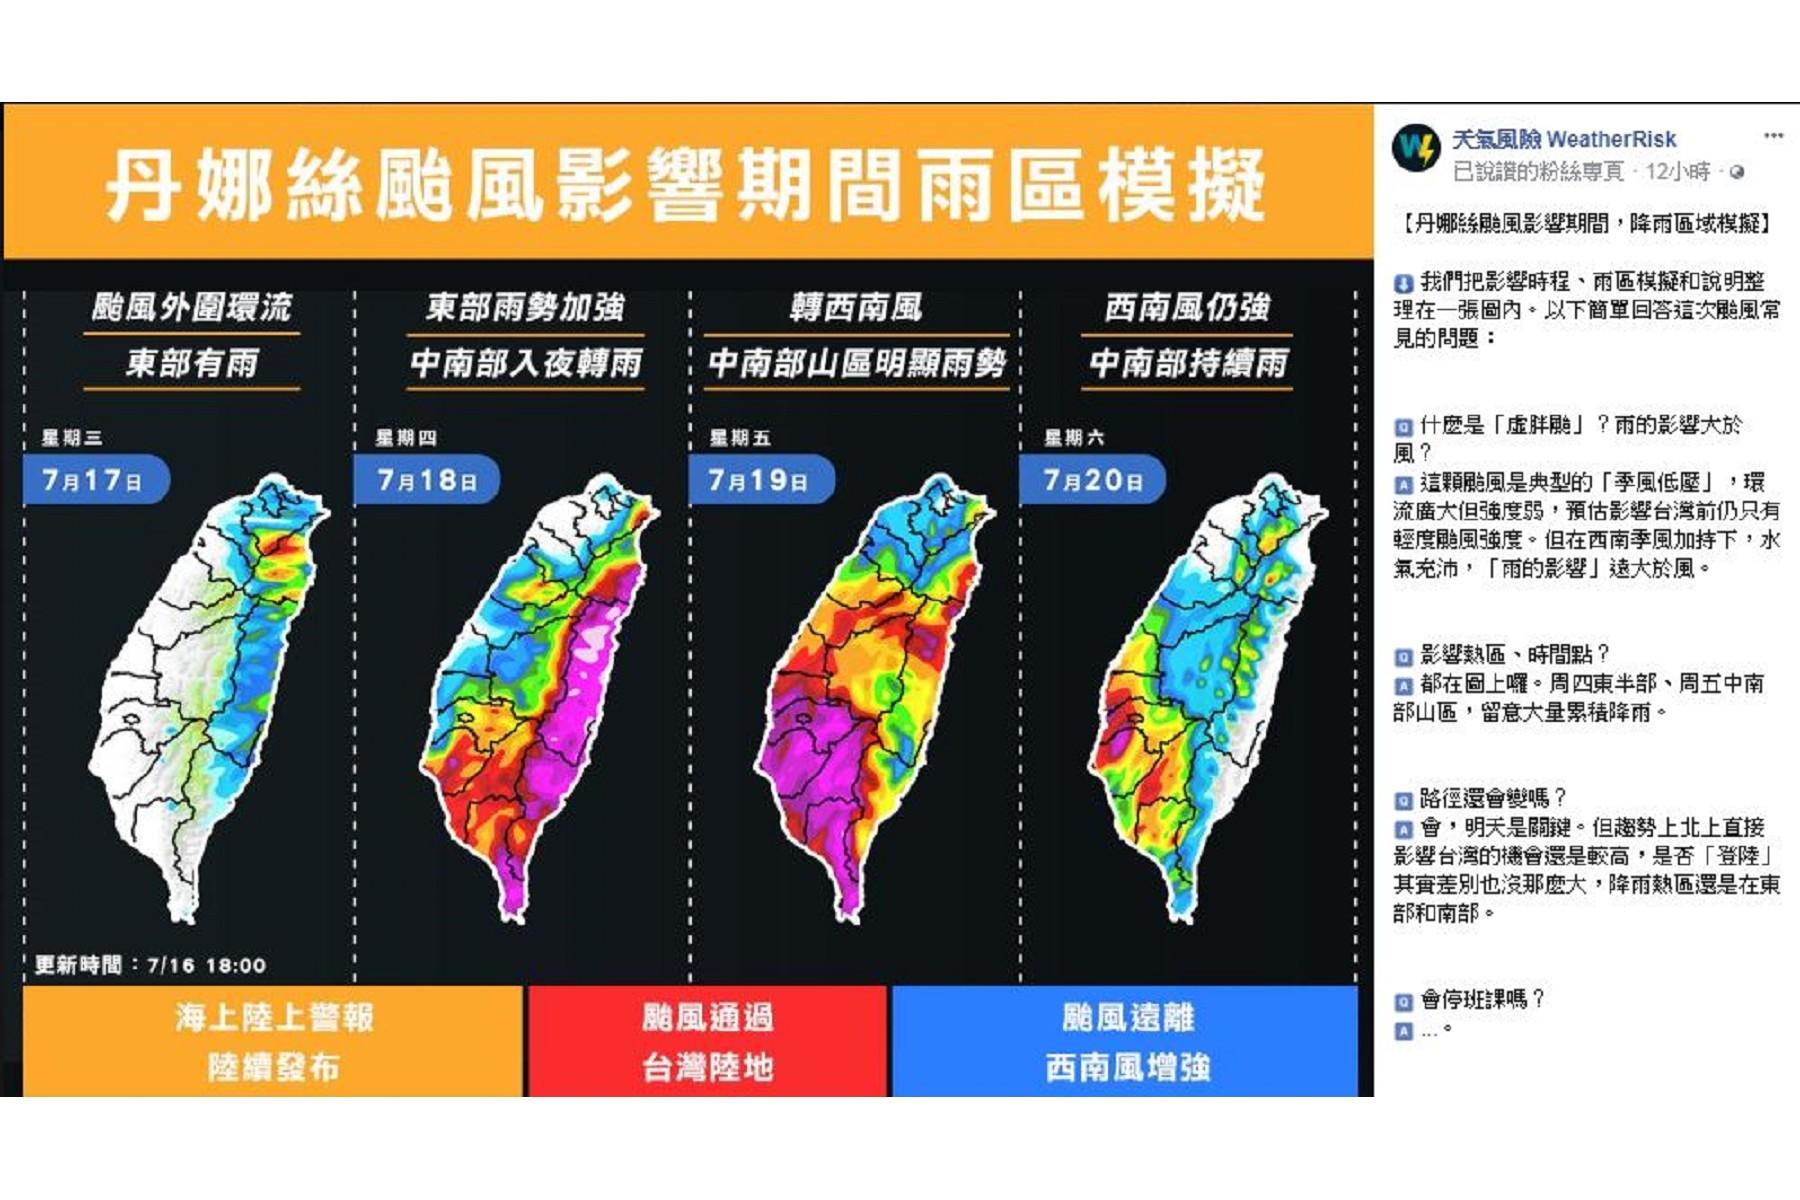 圖/翻攝自「天氣風險 WeatherRisk」臉書